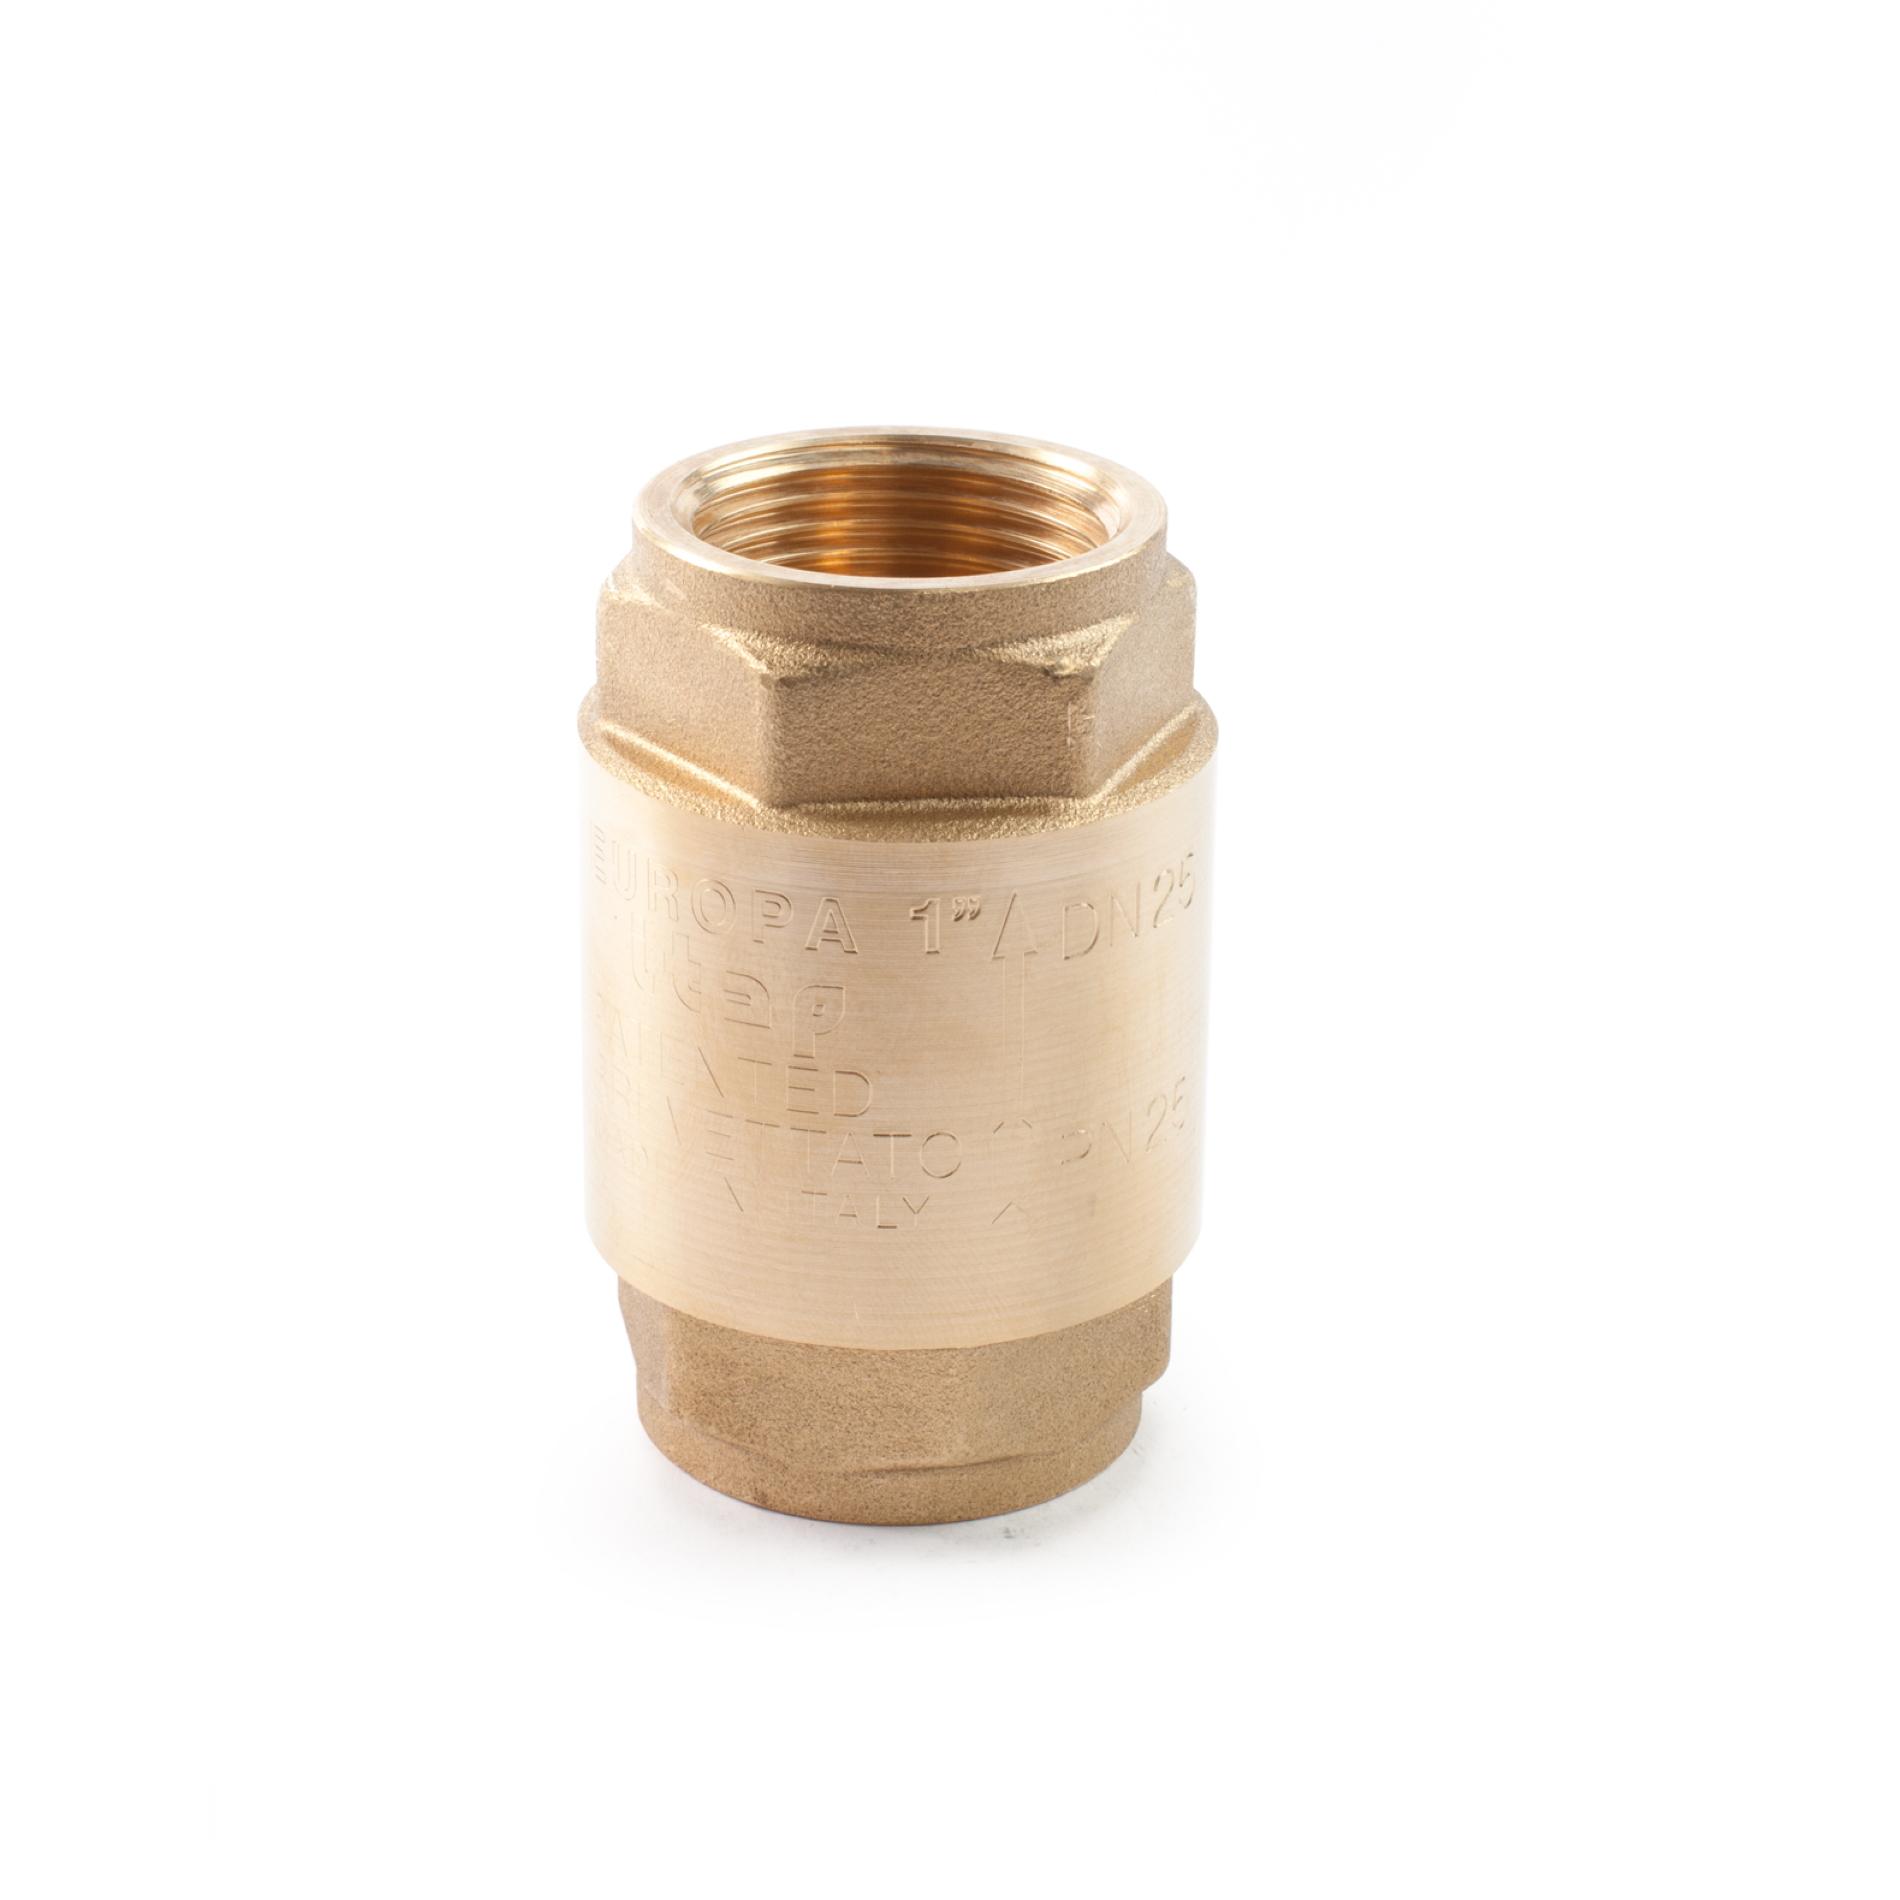 470 Valvola di non ritorno ottone EUROPA NRV Brass non-return valve